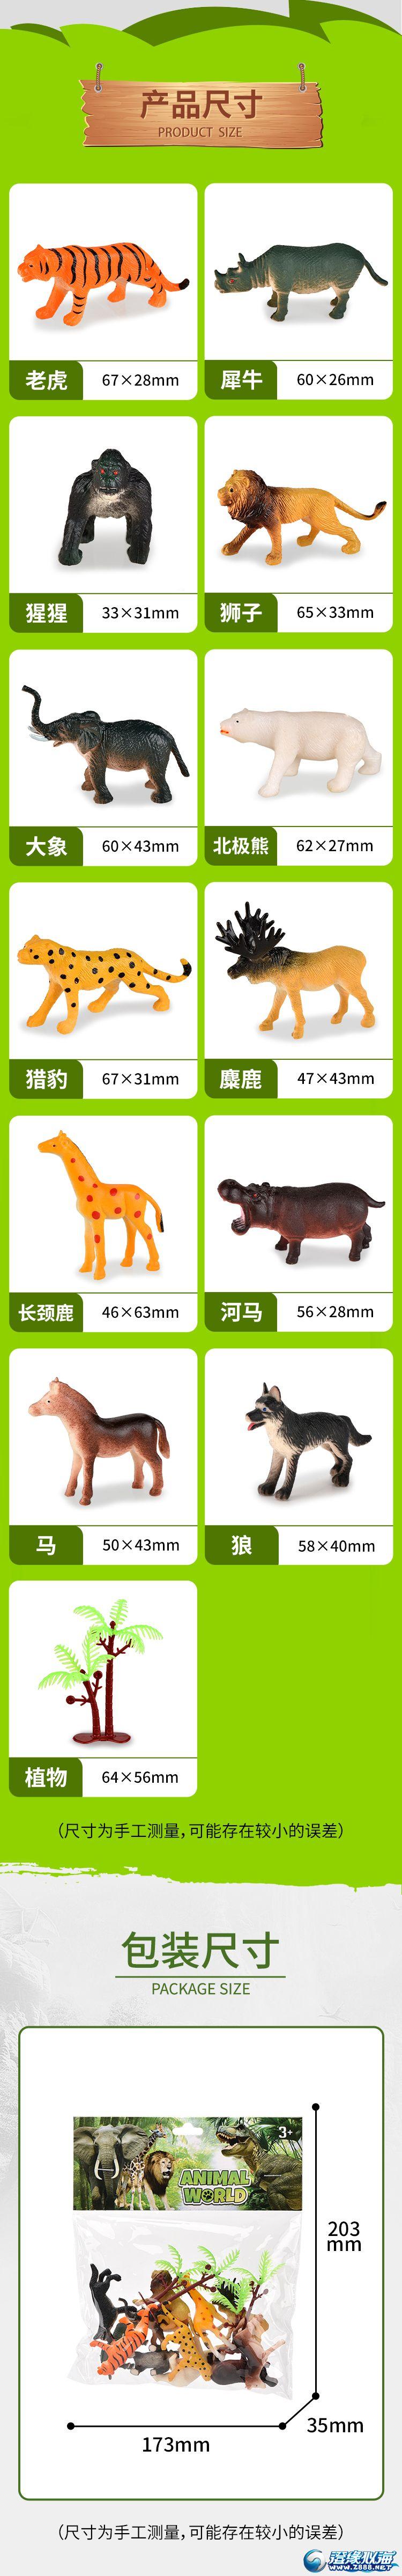 润东玩具厂-(1369A-2)-动物模型-中文版详情页_03.jpg